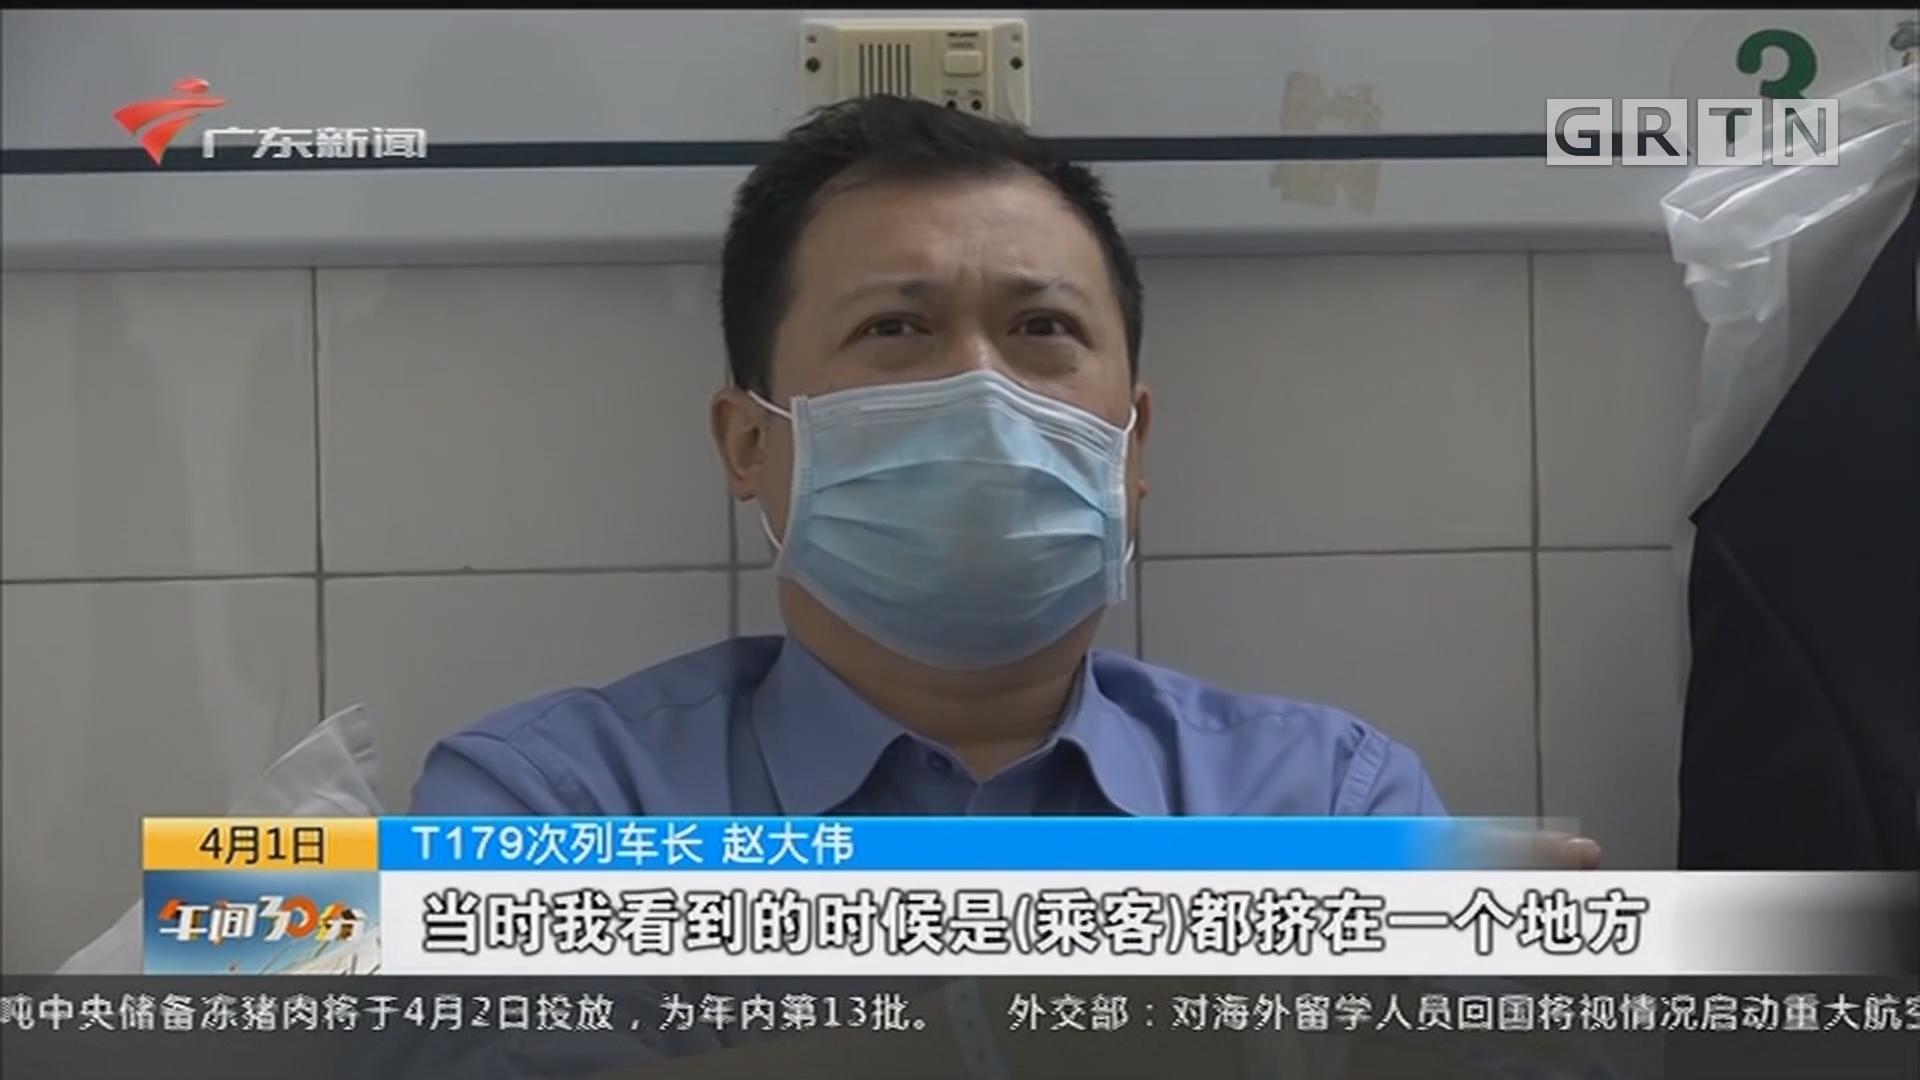 中新社 T179次列车长忆殉职乘警:最后一次见他时正在执行任务